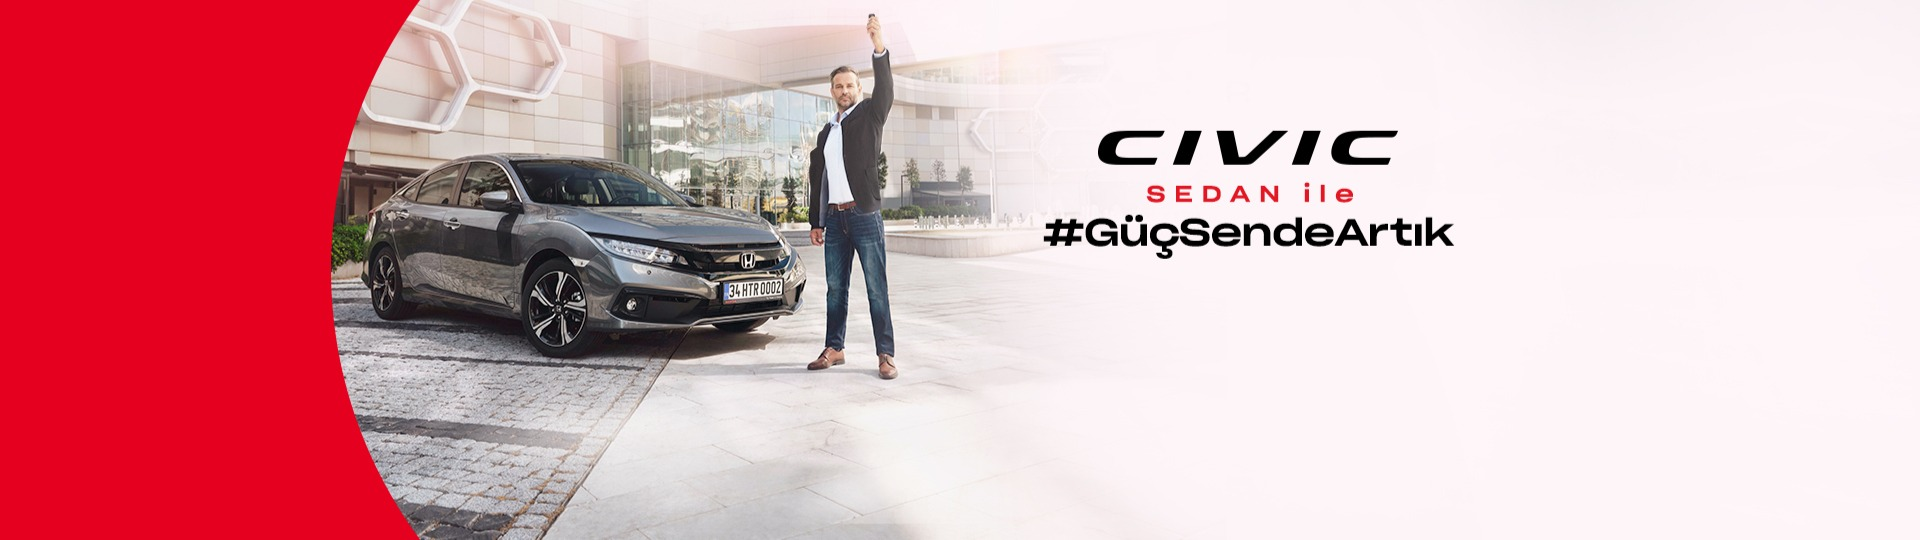 Honda Civic Sedan, %0,99 faiz avantajıyla sizi bekliyor.